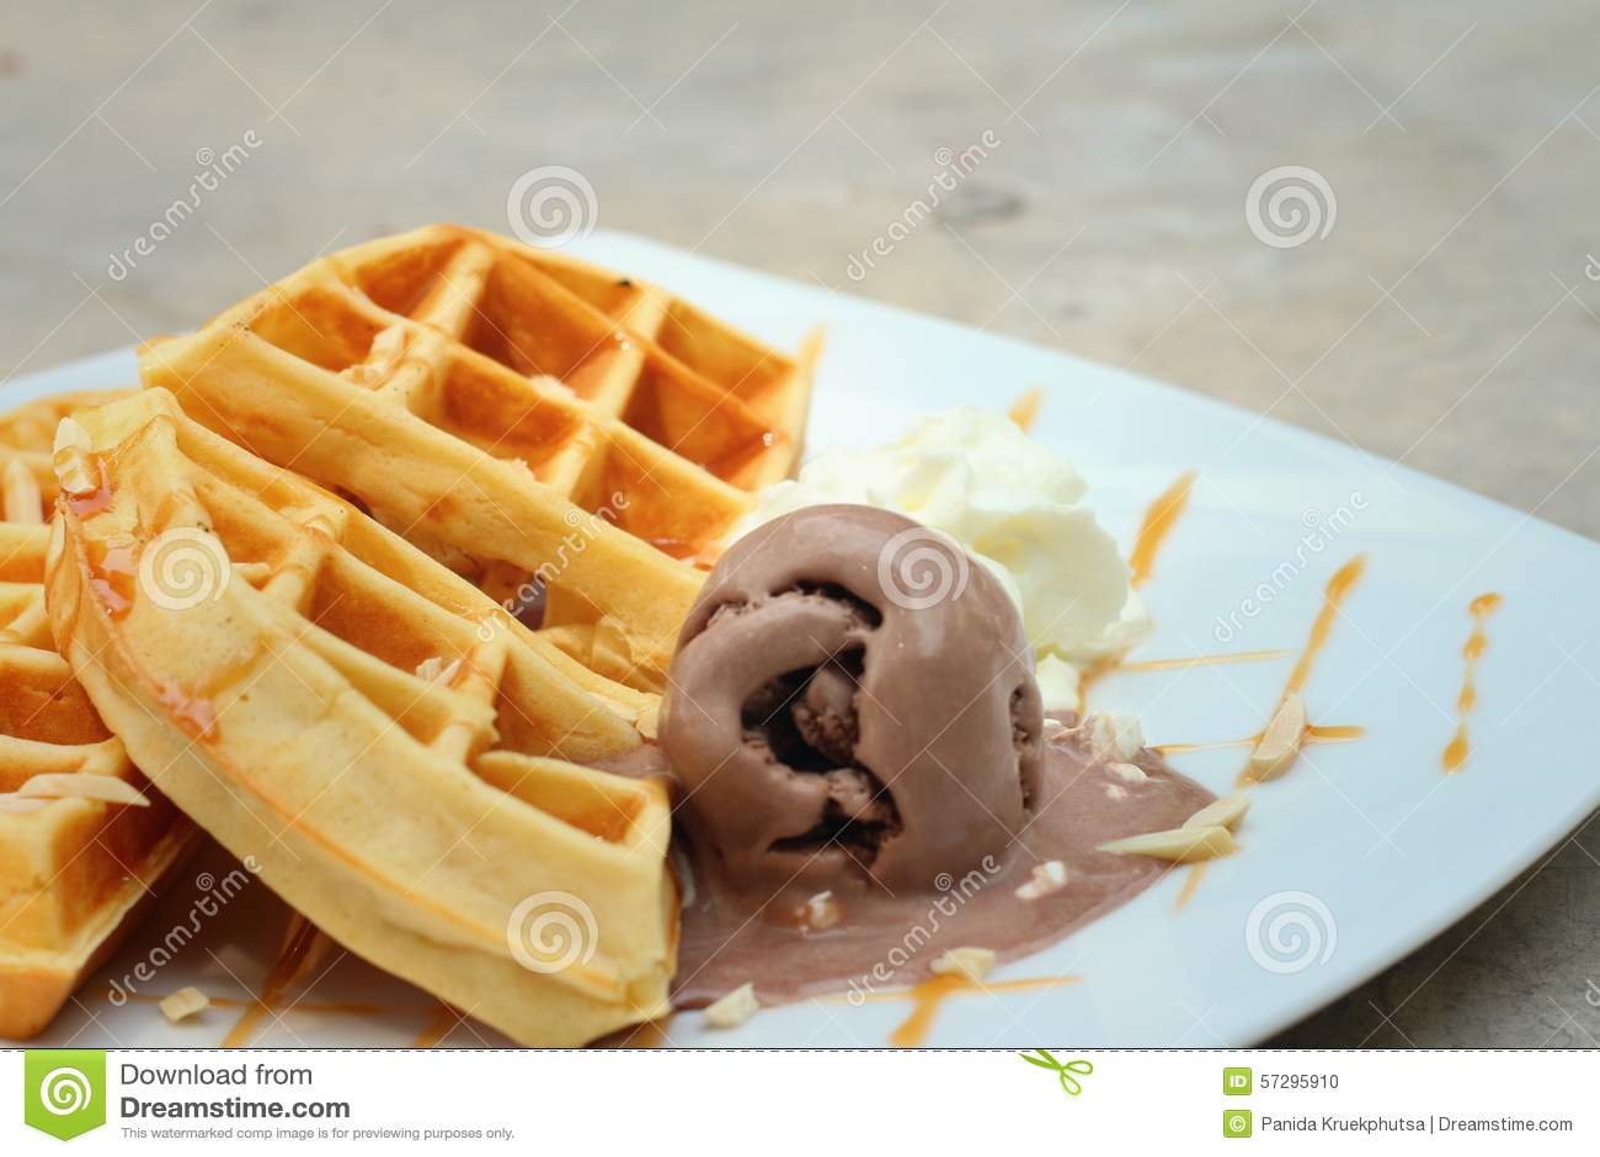 Belgien Waffeln Mit Eiscreme Am Kuchen Kaufen Stockfoto Bild Von